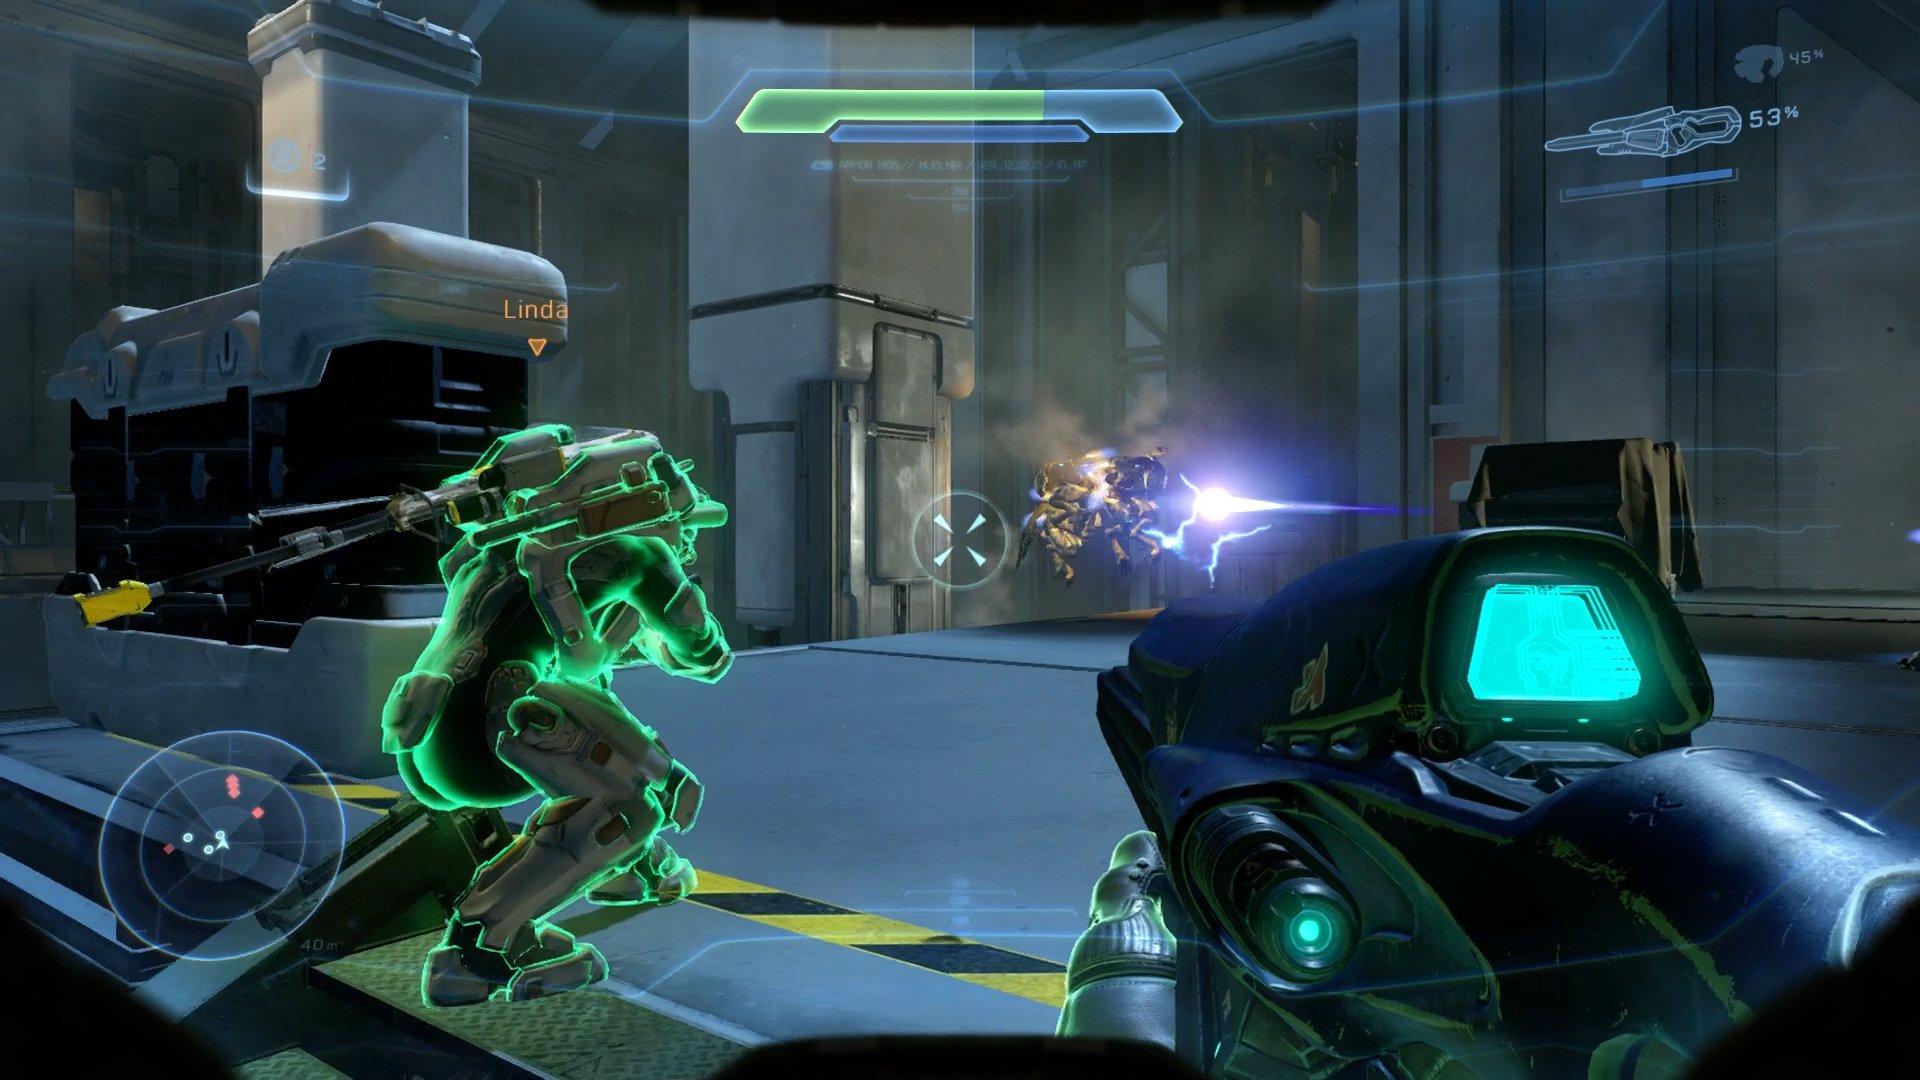 Halo 5 El Juego Bilgisayar Temizleme